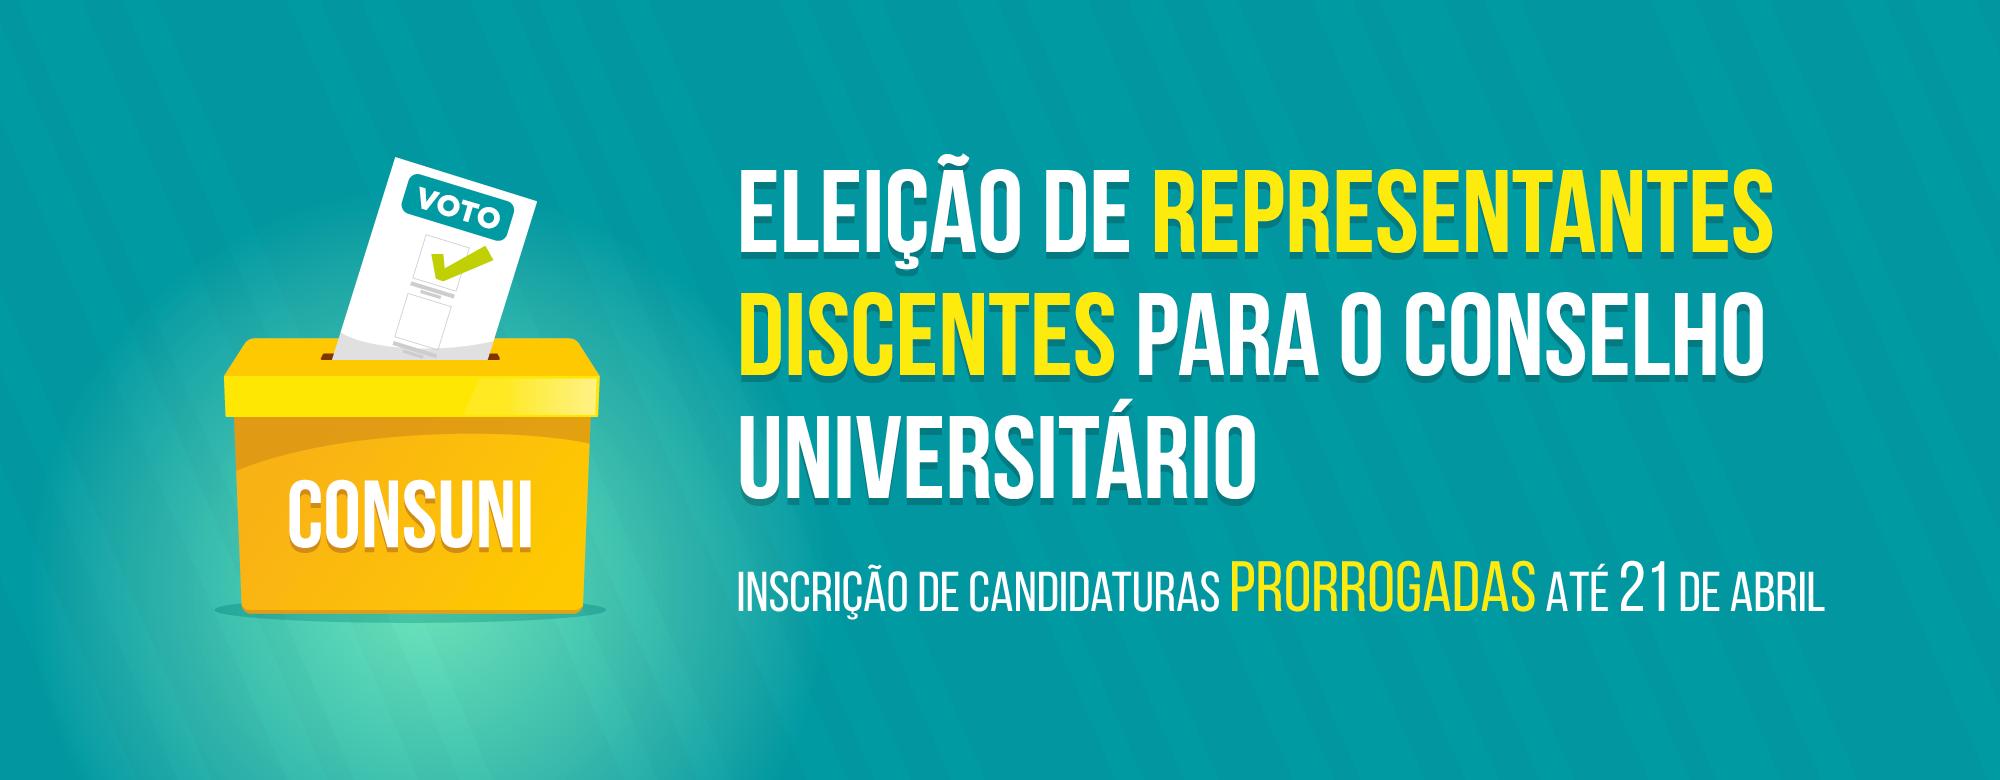 Eleição de representantes discentes para o Conselho Universitário